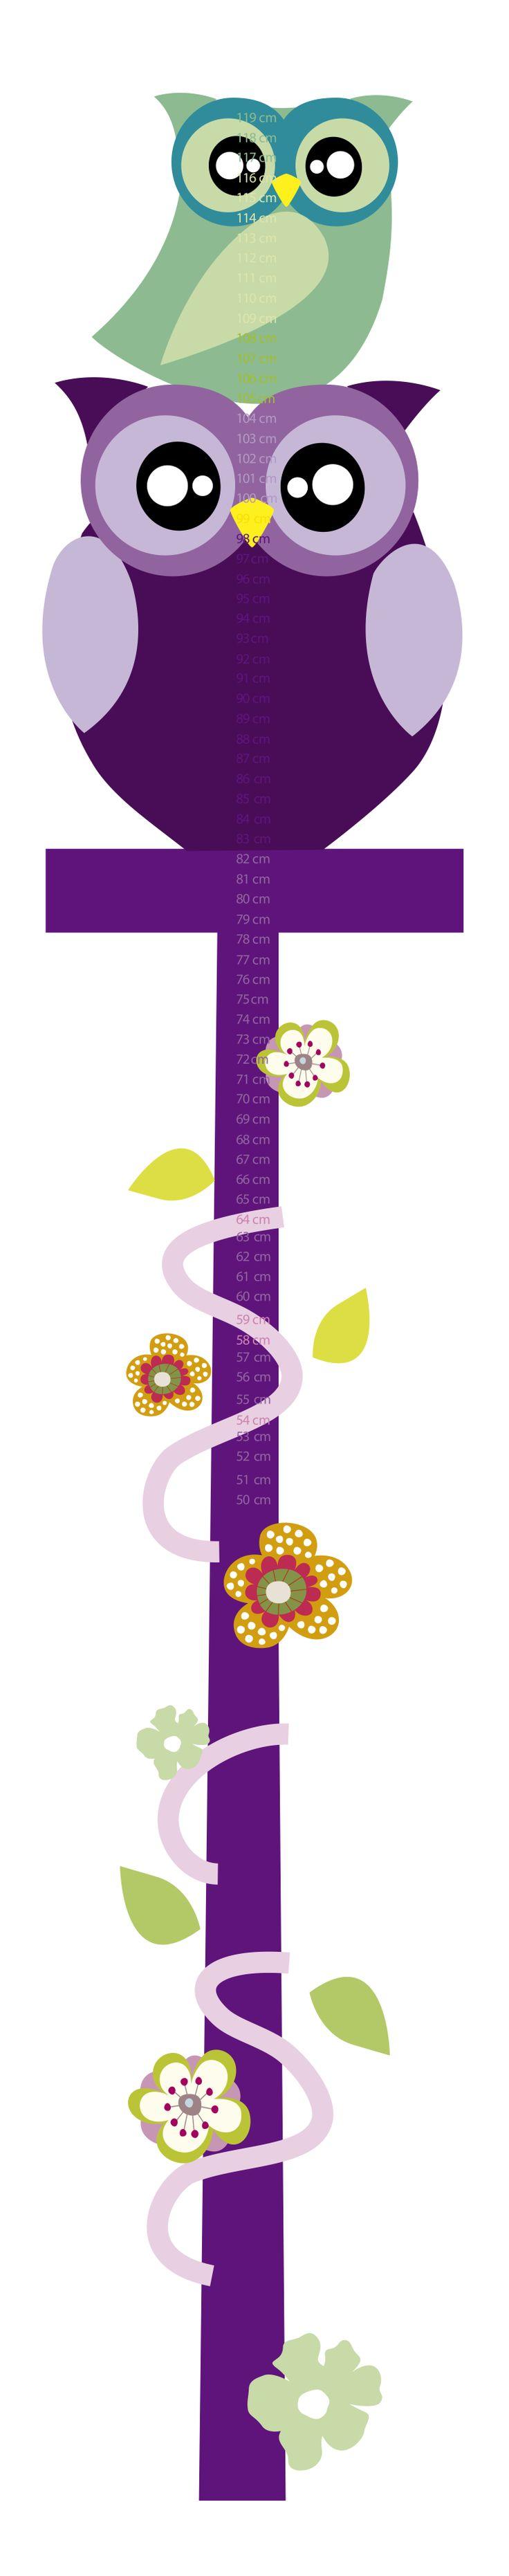 #cuantometro #medir #kids #decoracion #buho #regalos #cuantomido http://www.regalosdirecto.com.mx/para-el-bebe/igriega-kids/cojin-elefante.html